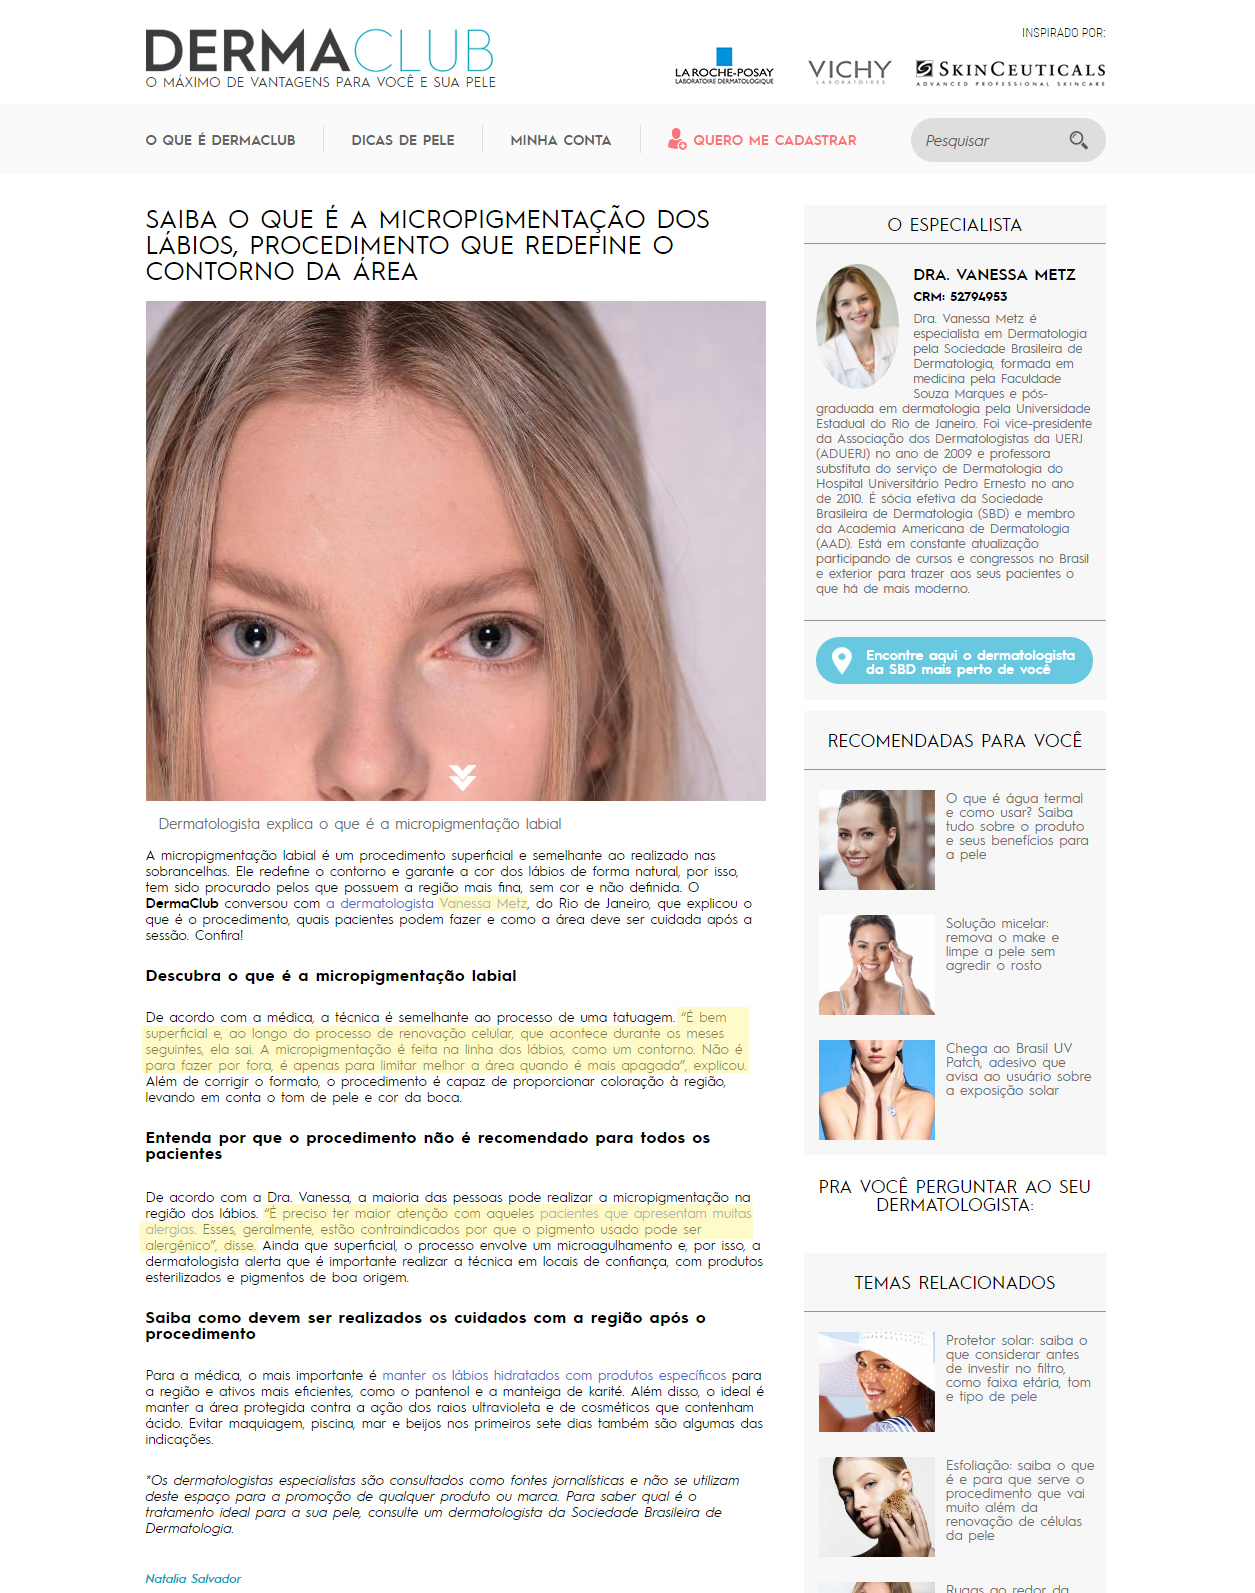 Site Dermaclub - junho - Saiba o que é a micropigmentação dos lábios procedimento que redefine o contorno da área